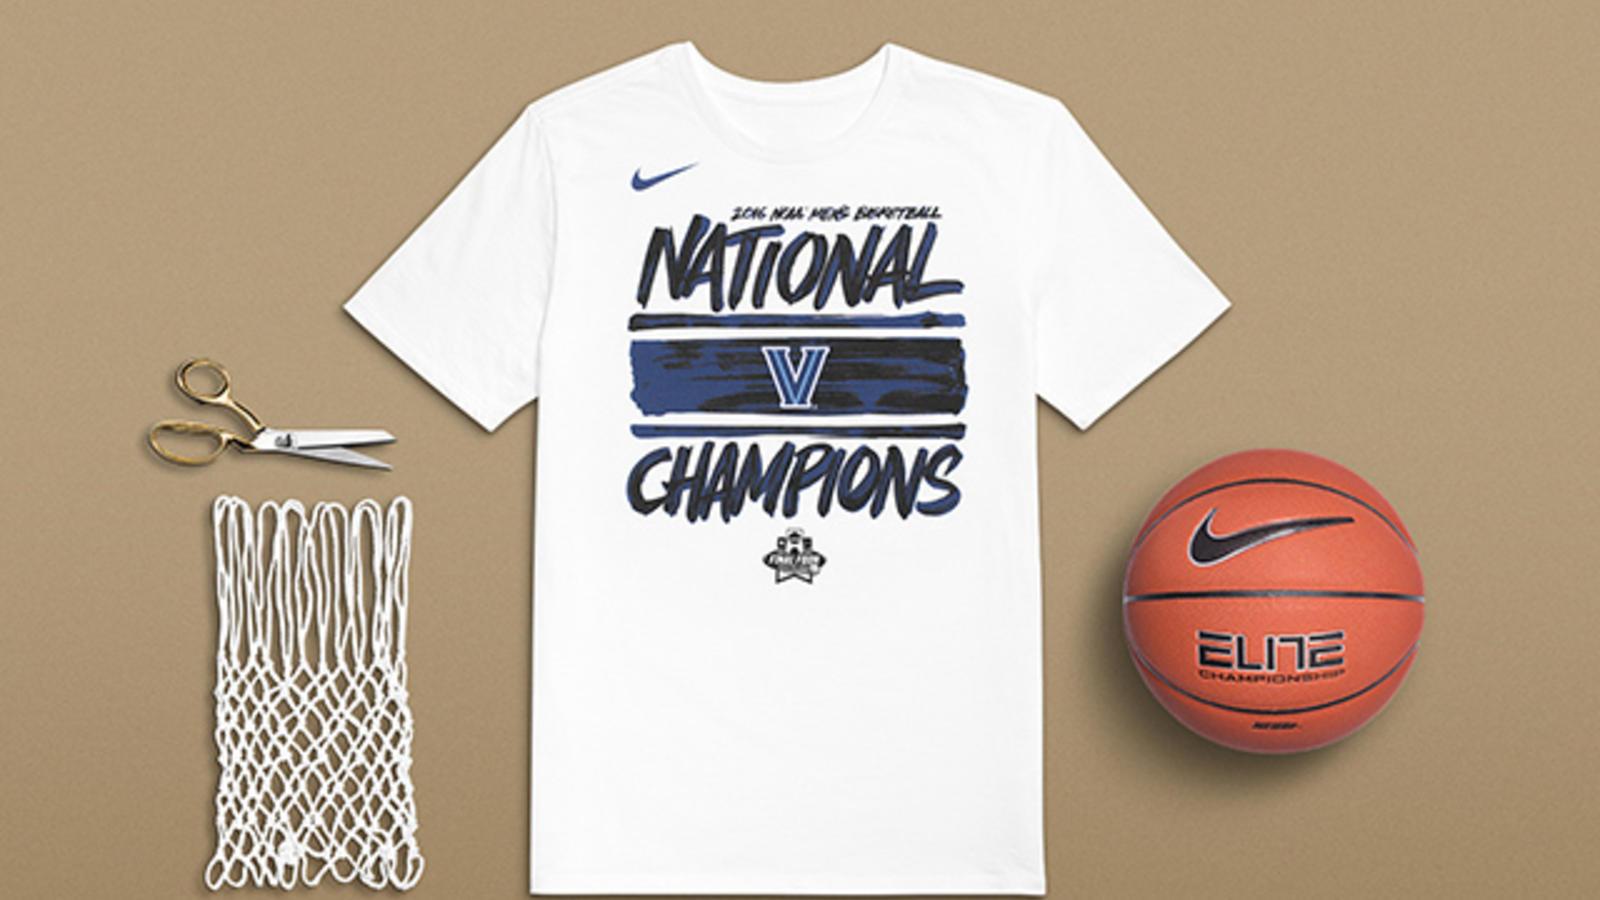 Nike_villanova_nation-championship_tshirt_hd_1600